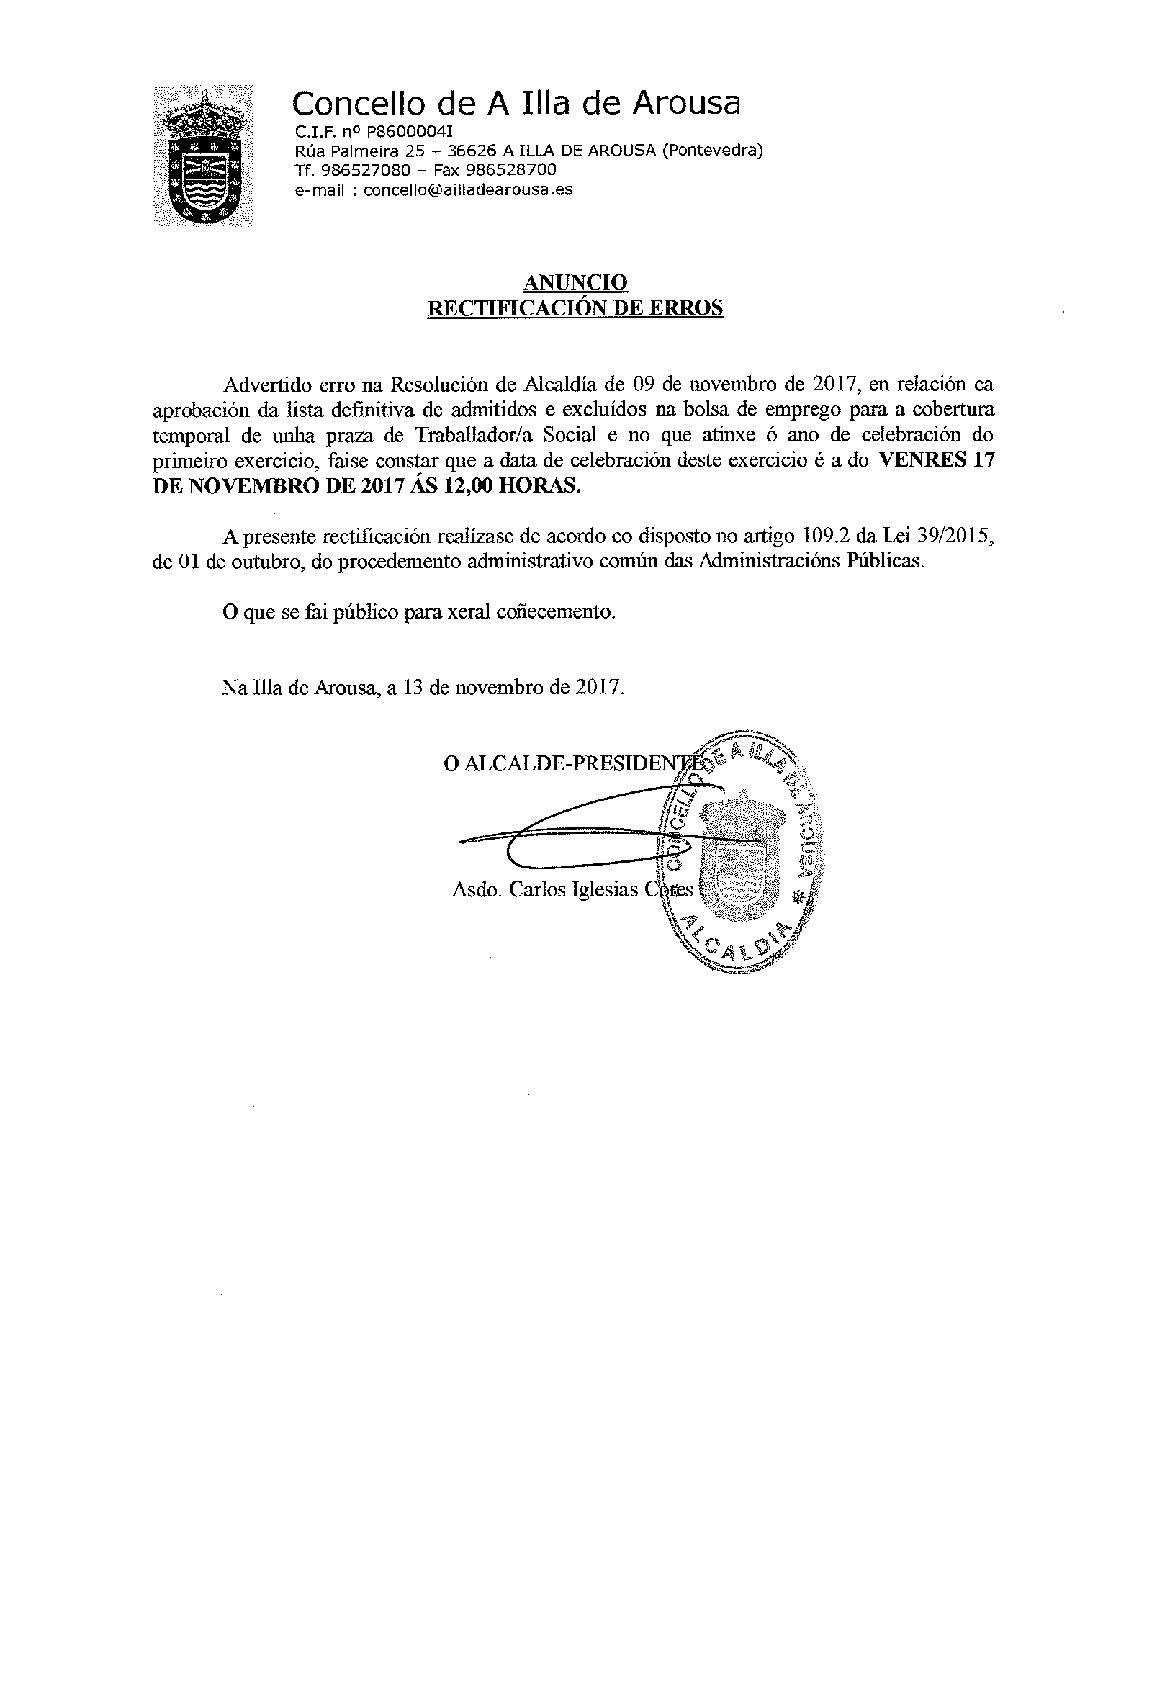 ANUNCIO RECTIFICACIÓN DE ERROS